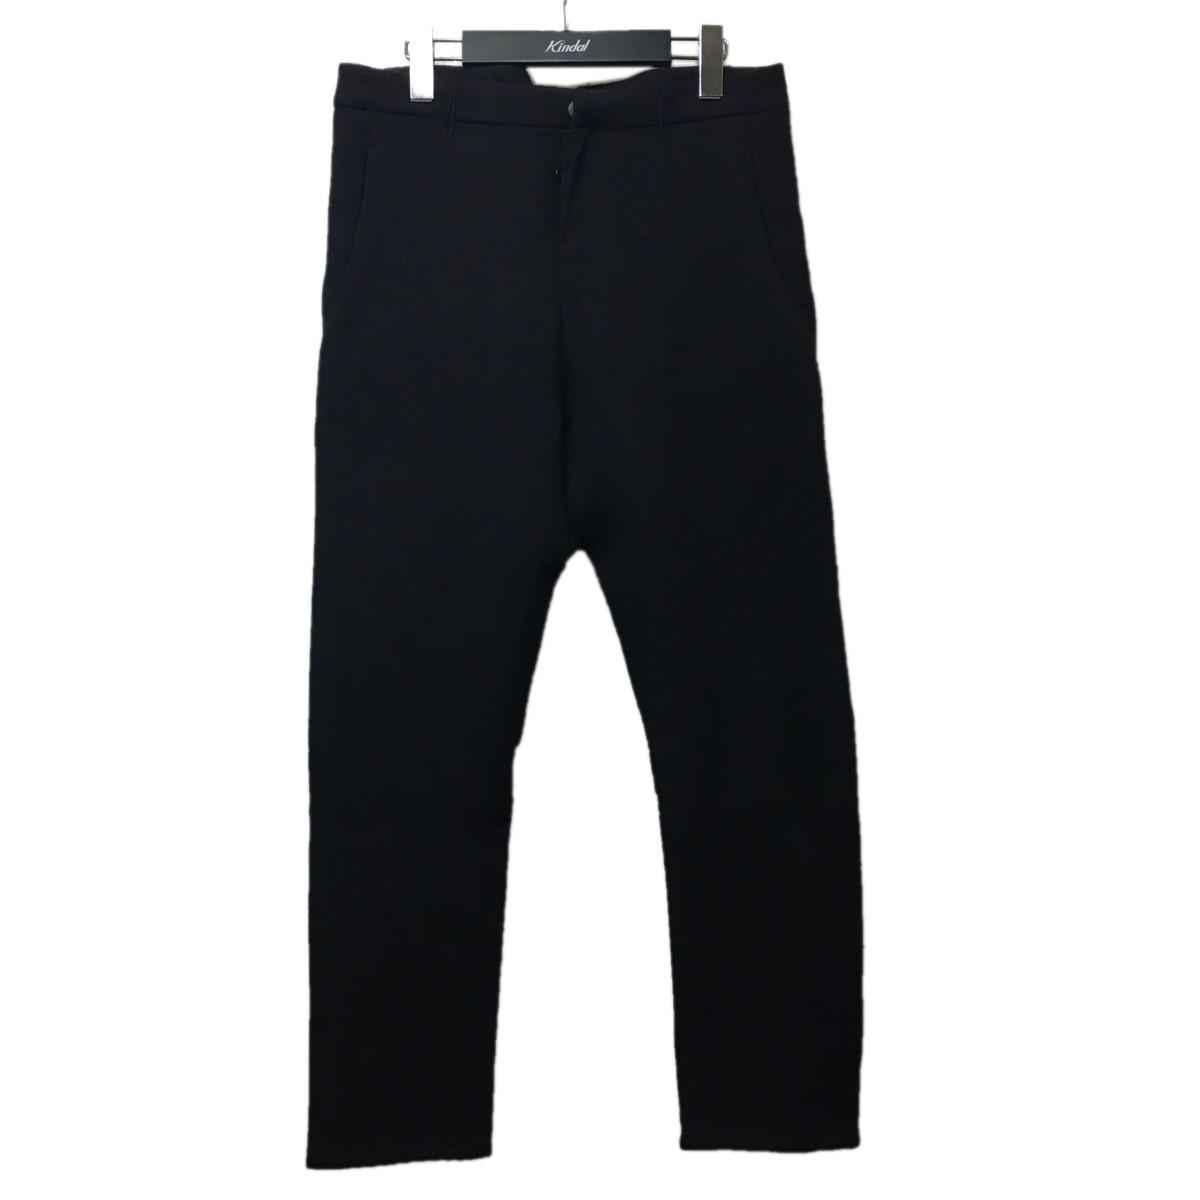 メンズファッション, ズボン・パンツ individual sentiments 12AW 0 180921